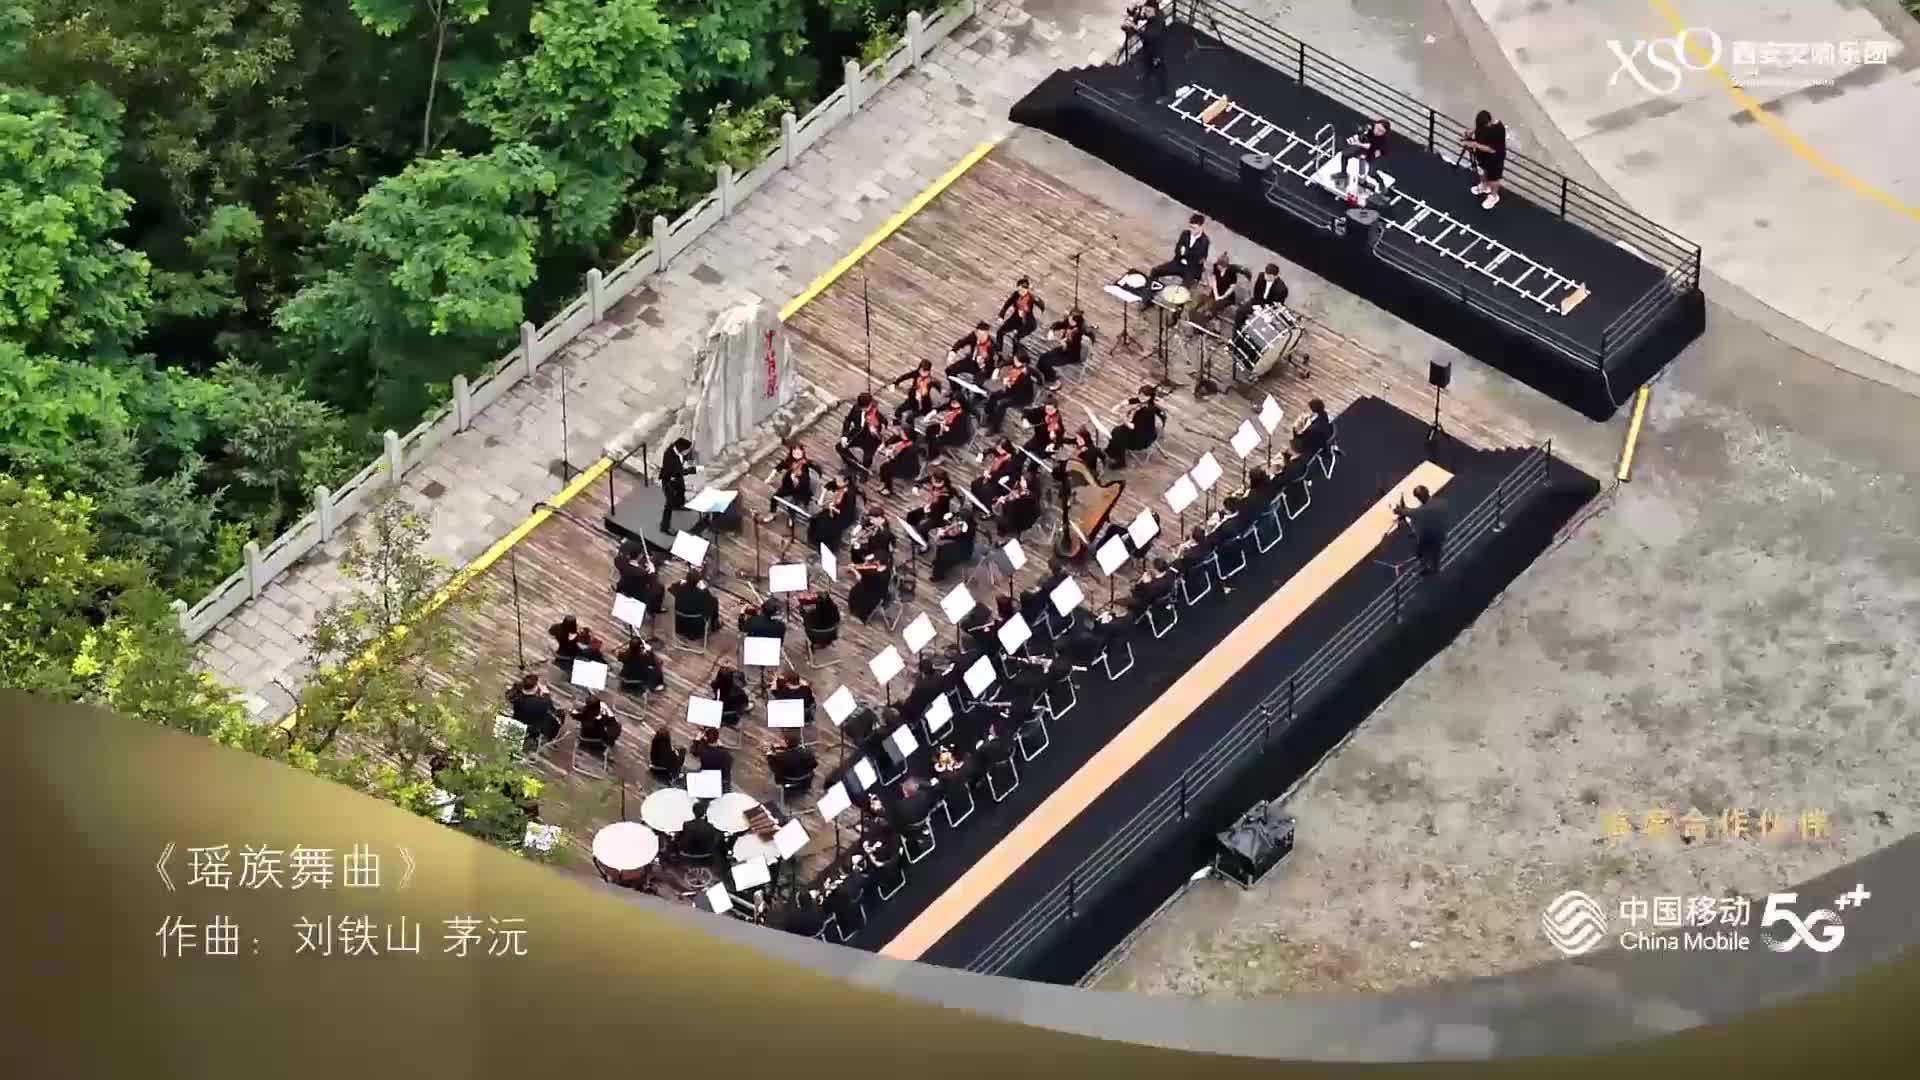 牛背梁回响音乐会——《瑶族舞曲》